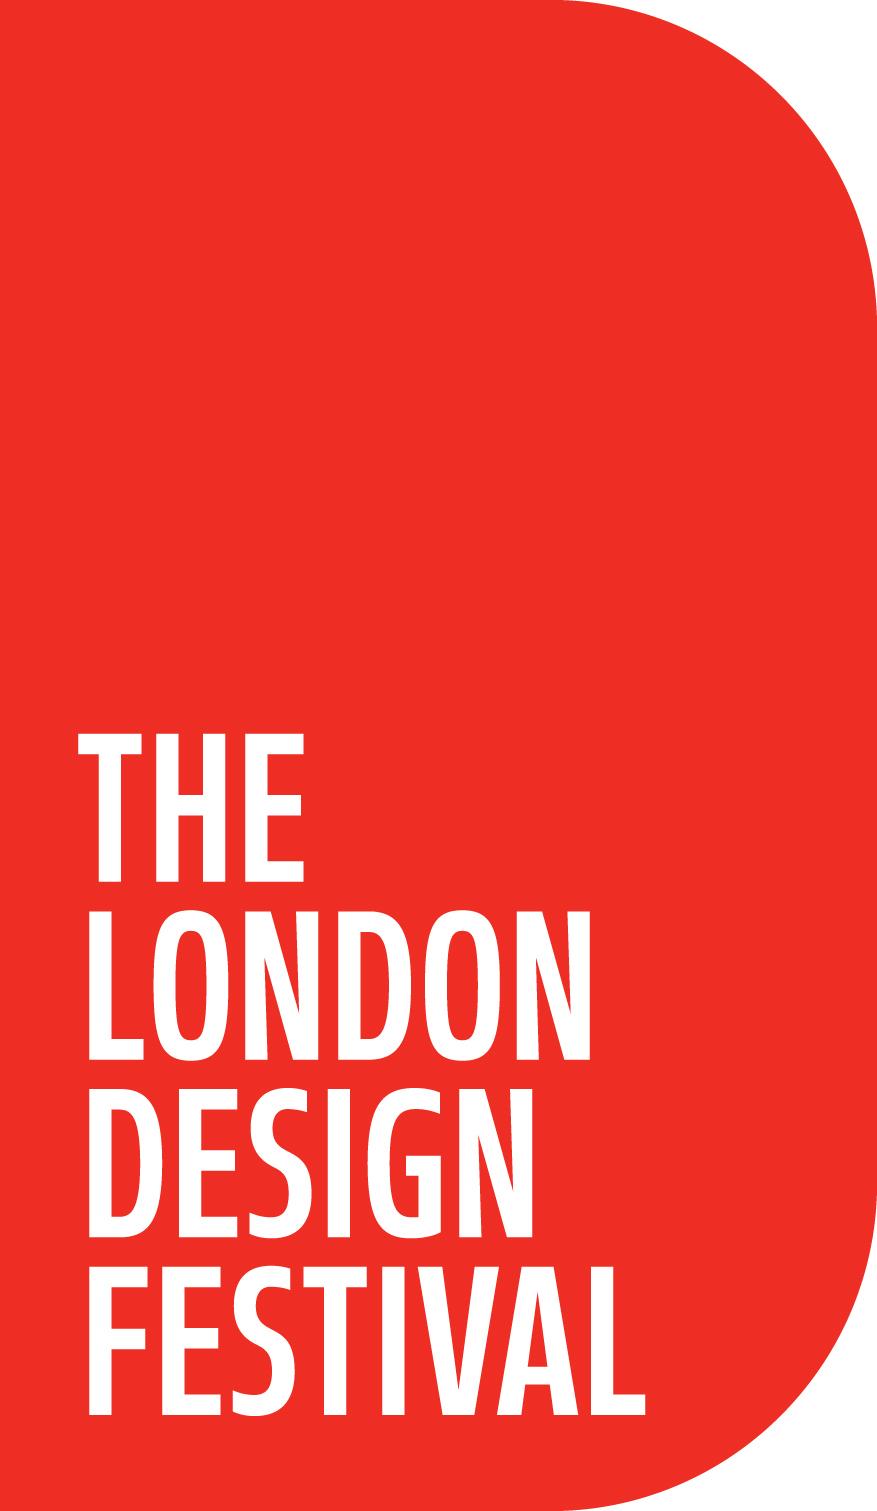 London Design Festival logo